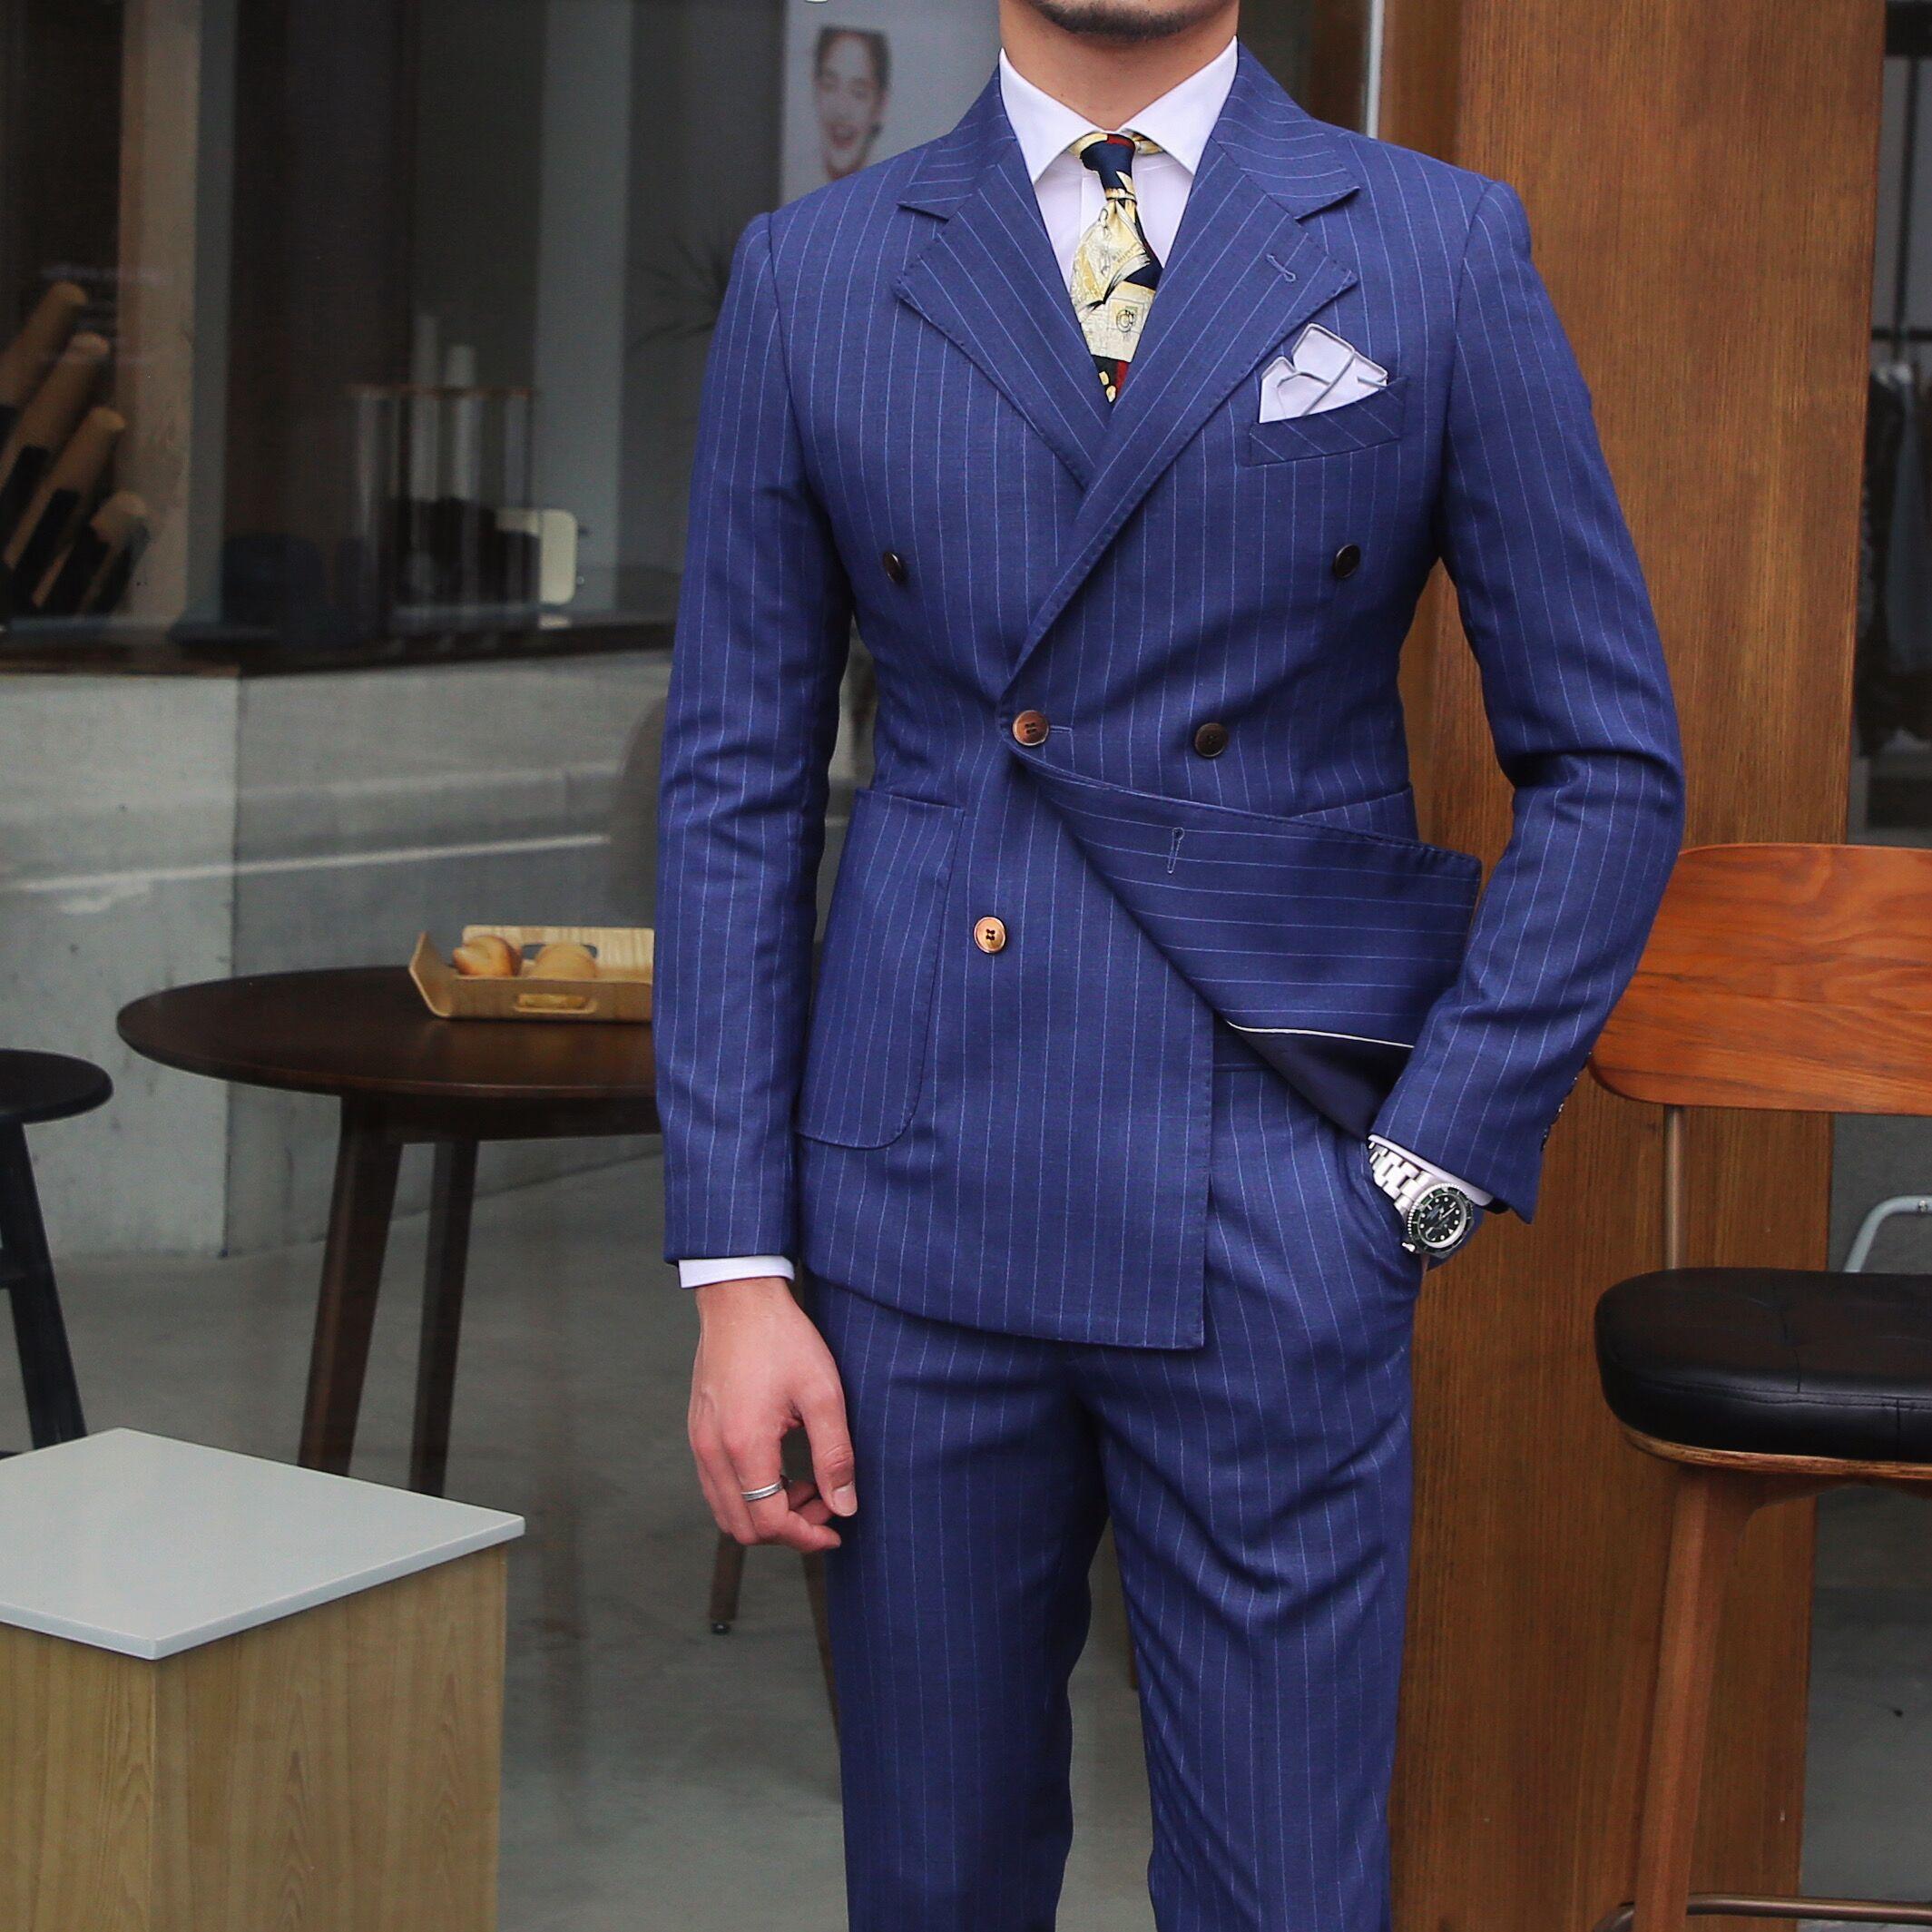 鹿三先生男士商务休闲条纹双排扣西装百搭个性时尚韩版西服外套潮